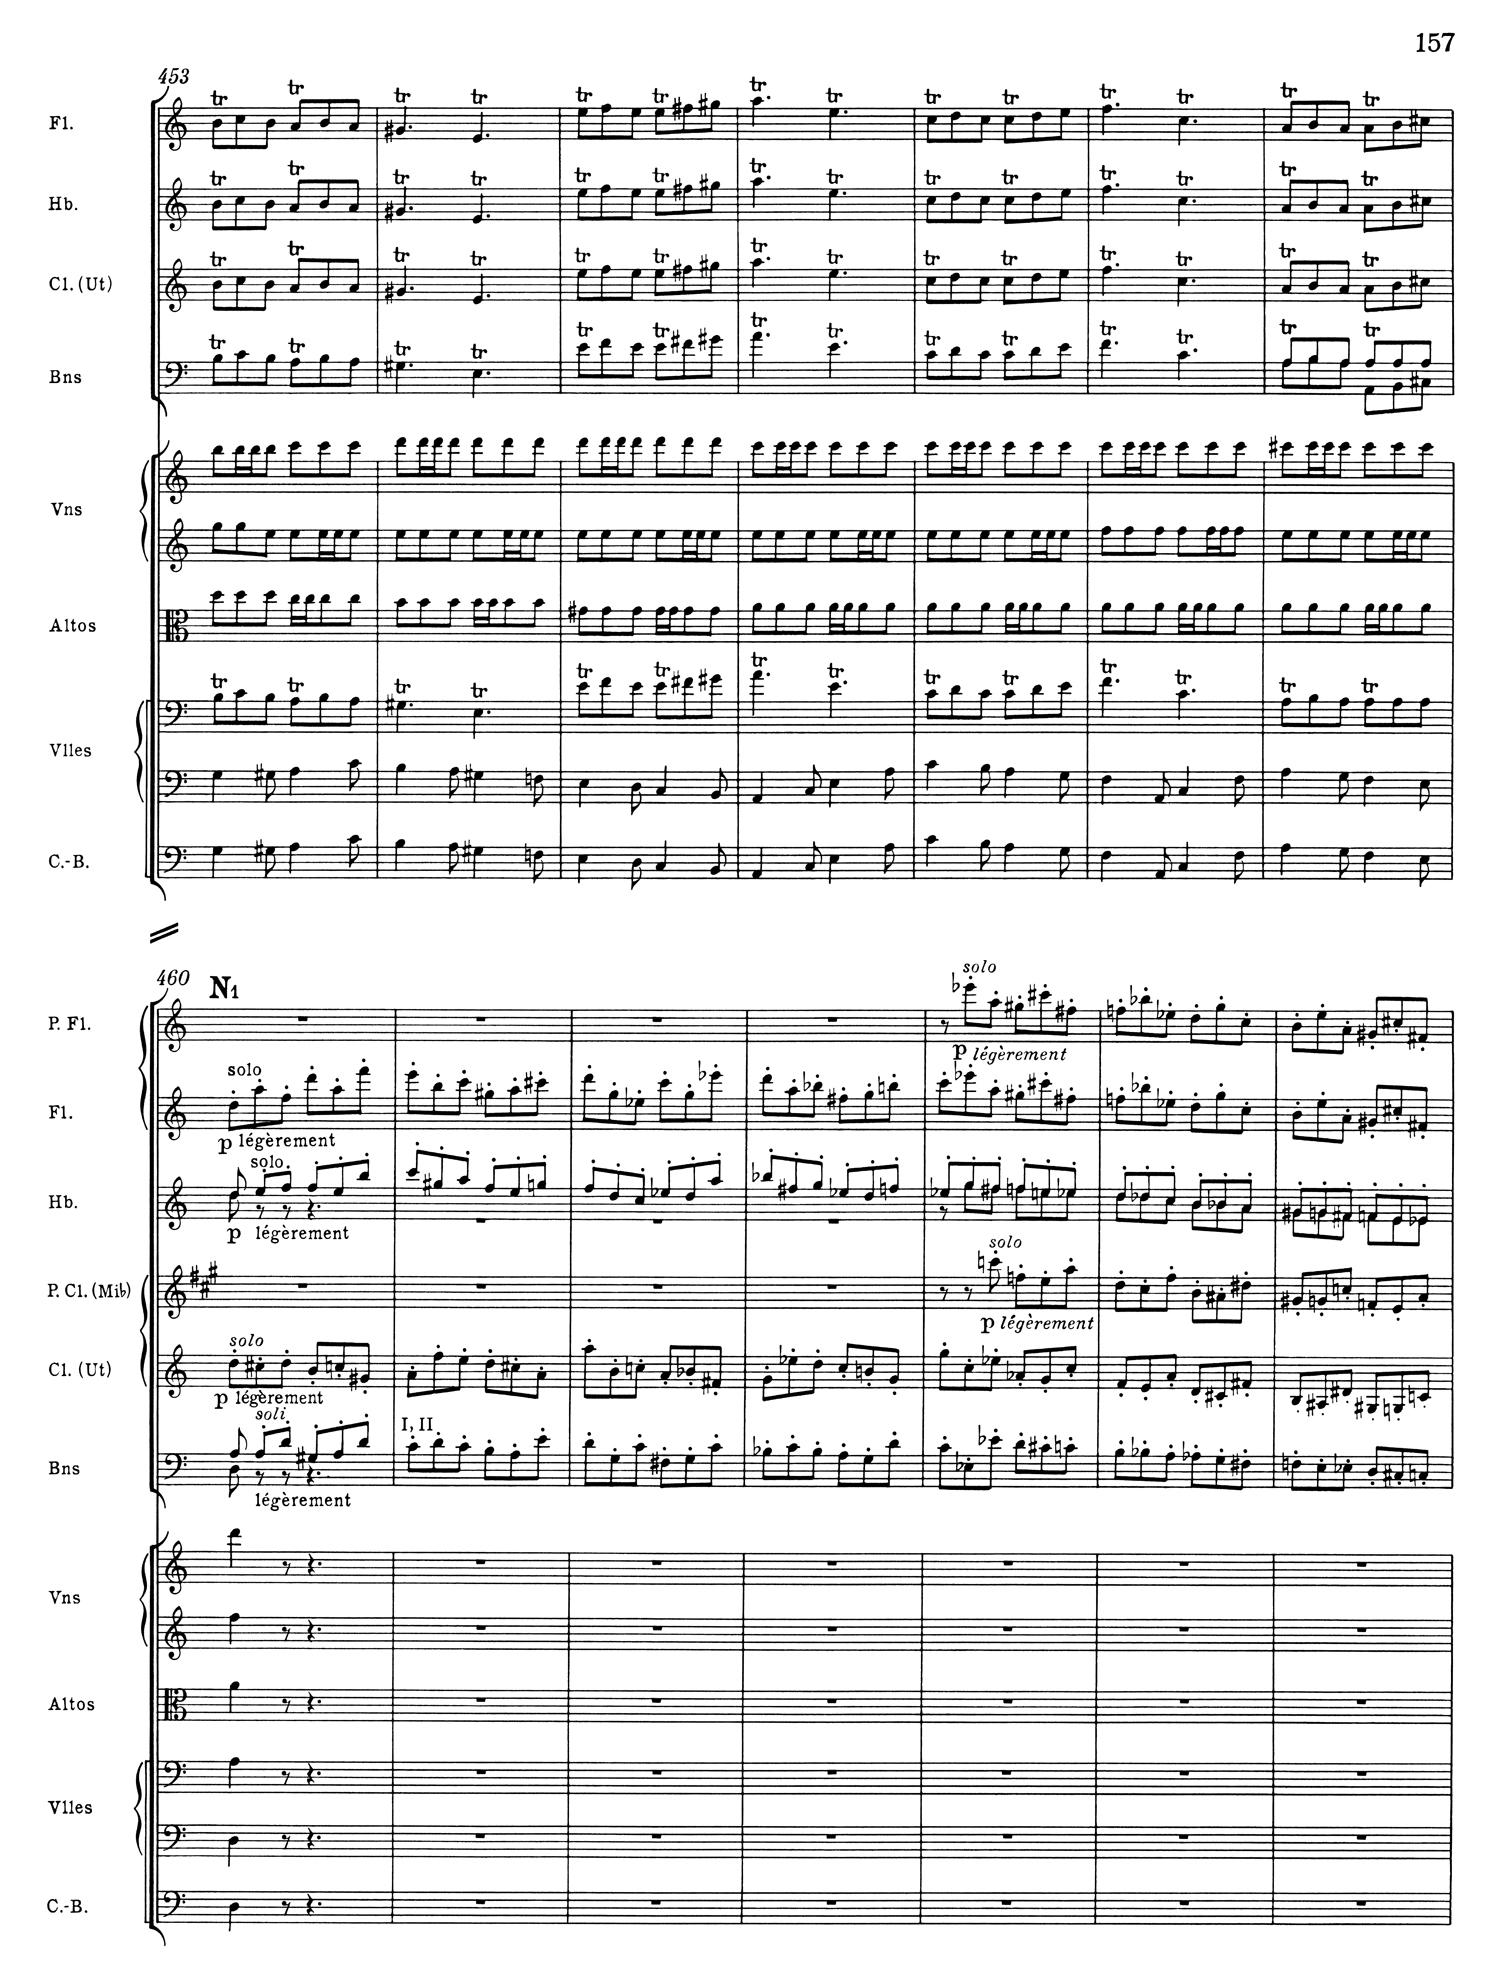 Berlioz Mvt 5 Score 4.jpg